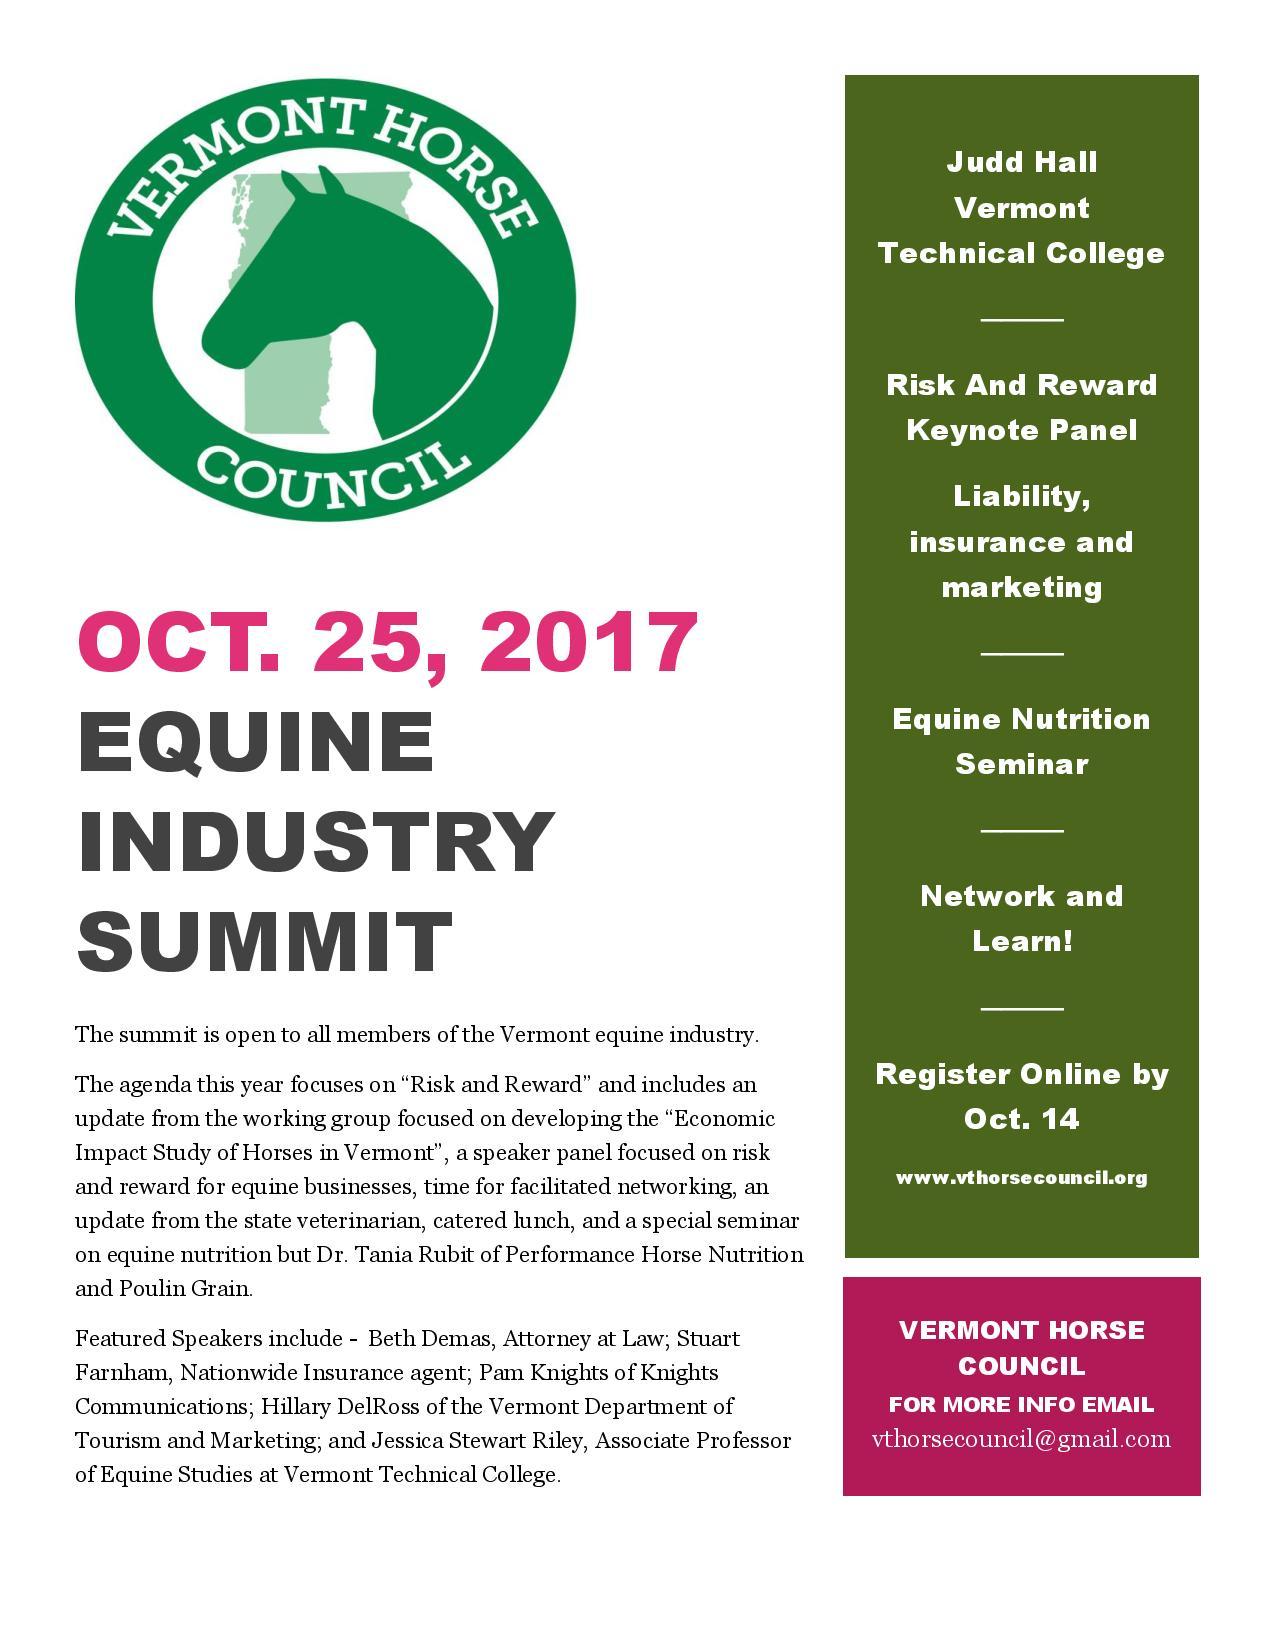 2017 Summit Flyer (1)-page-001.jpg